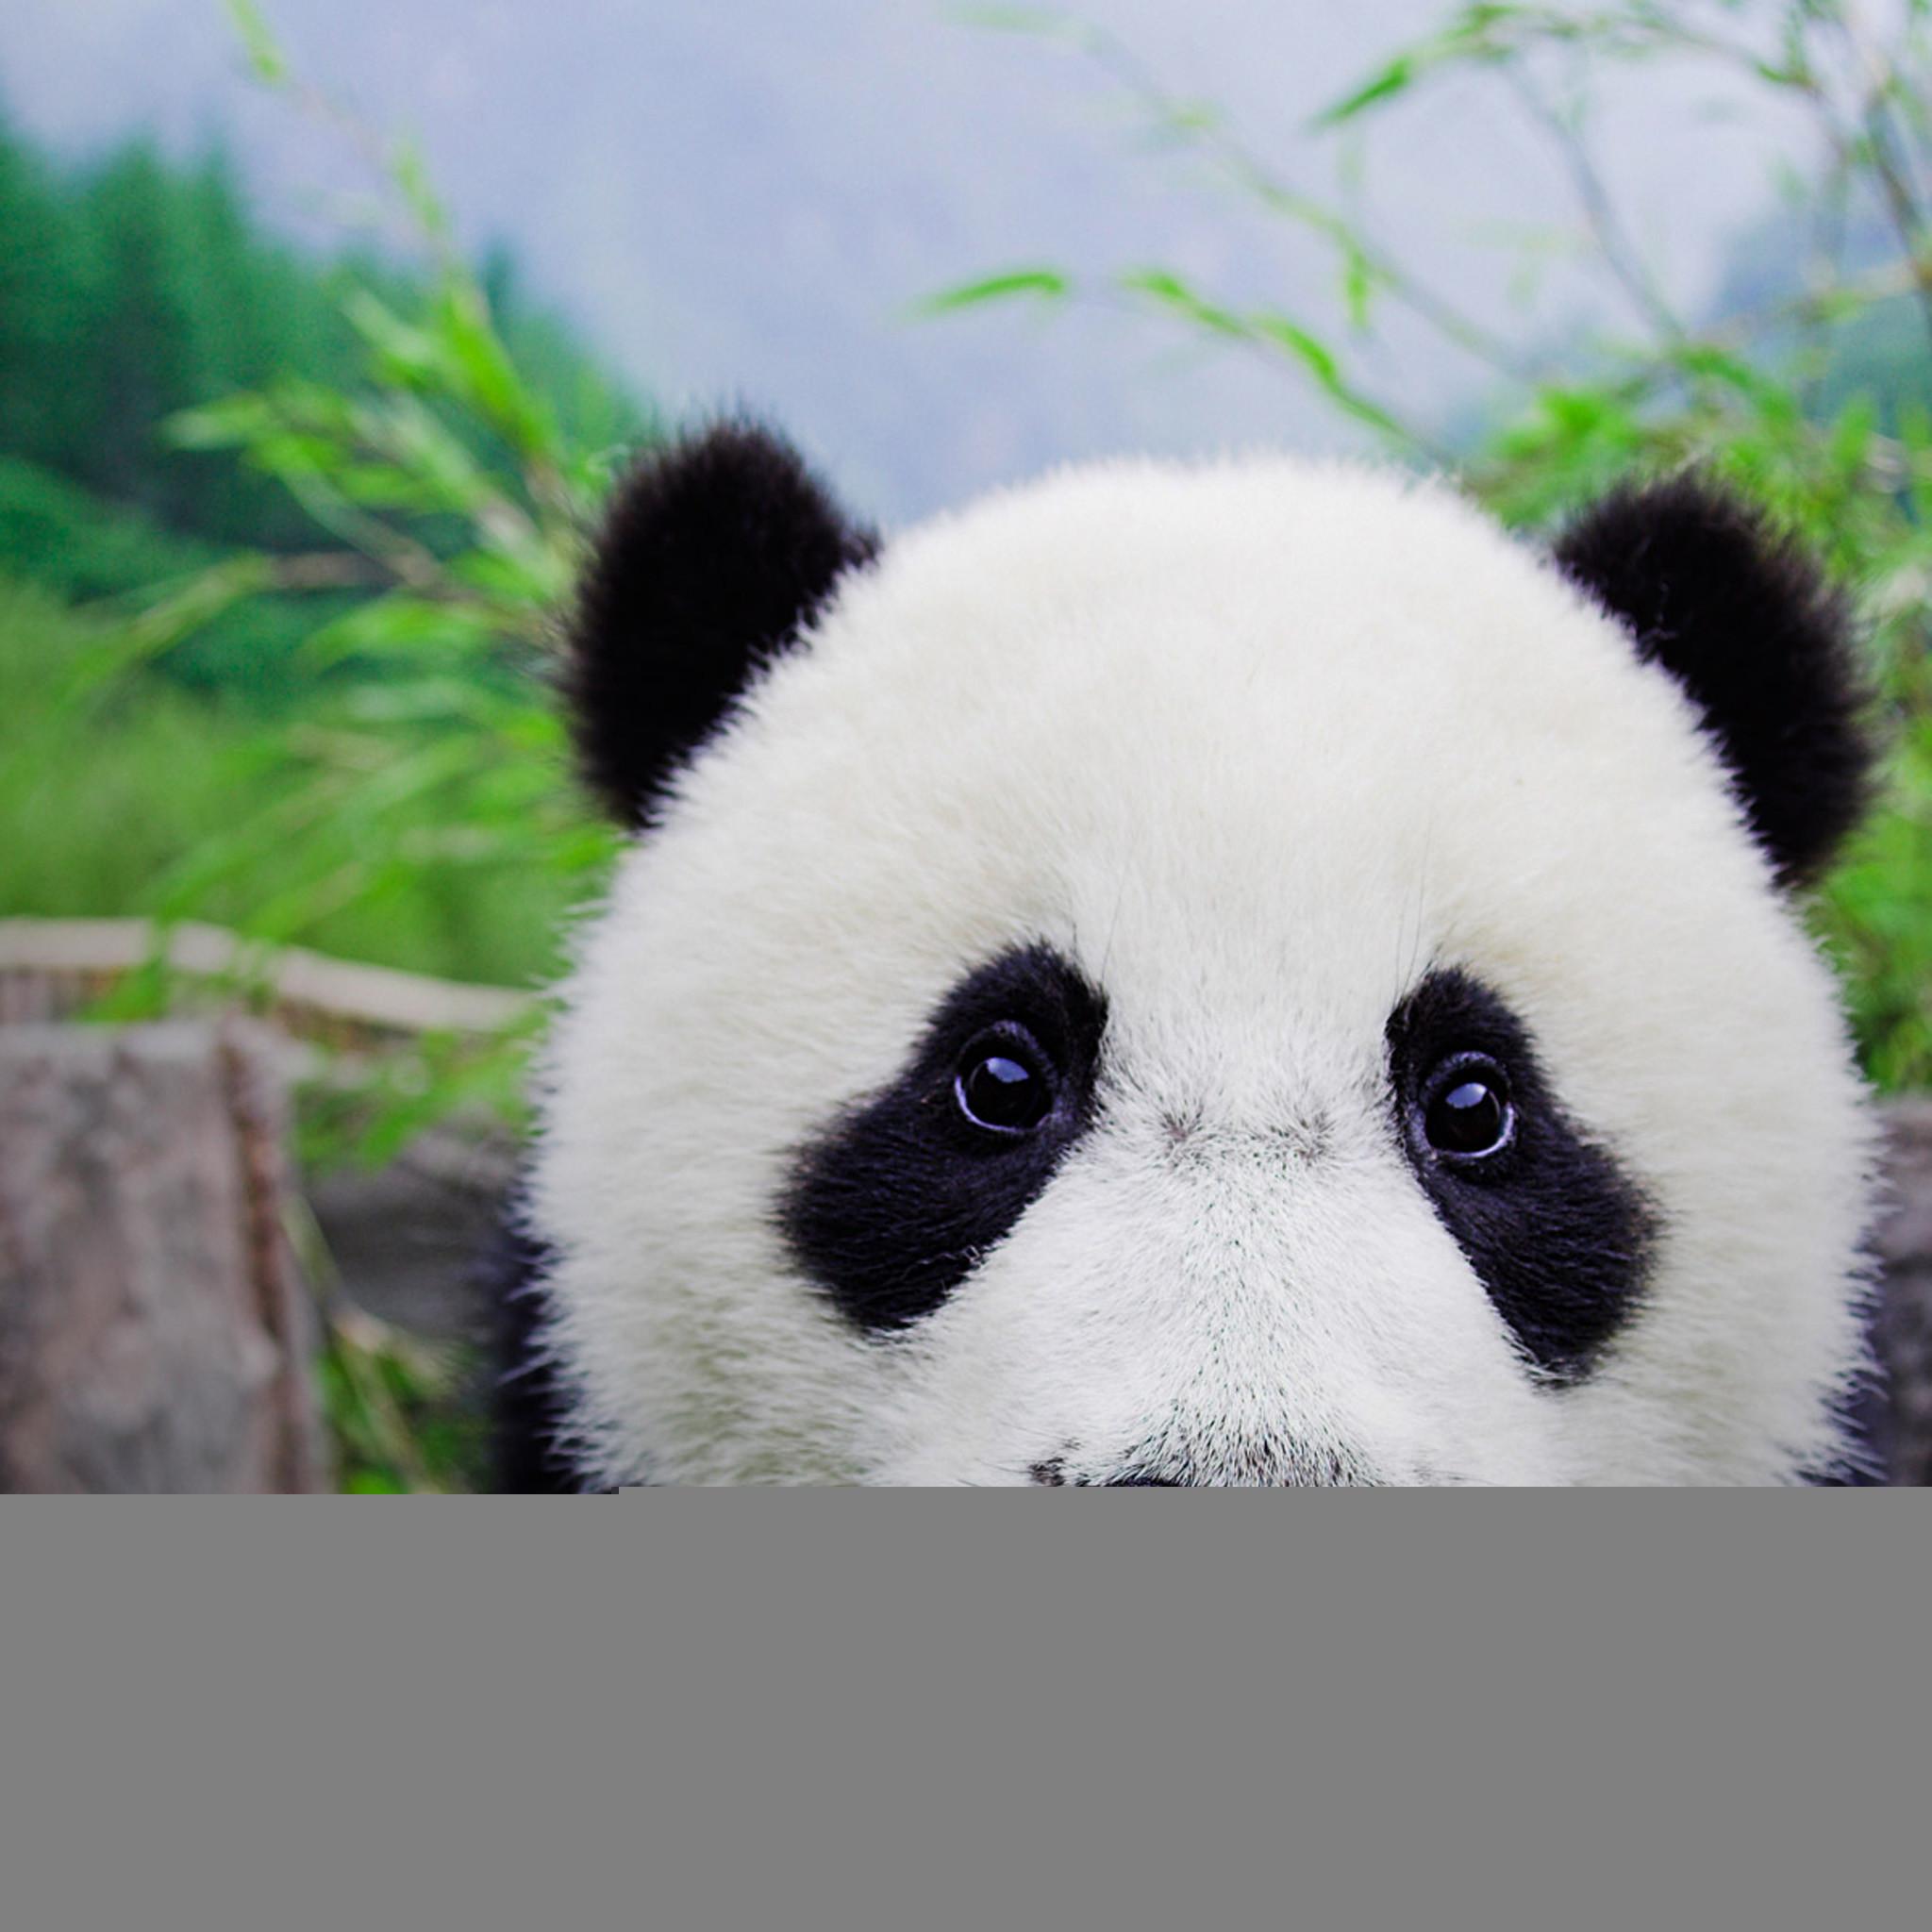 4990 5: Panda iPad wallpaper